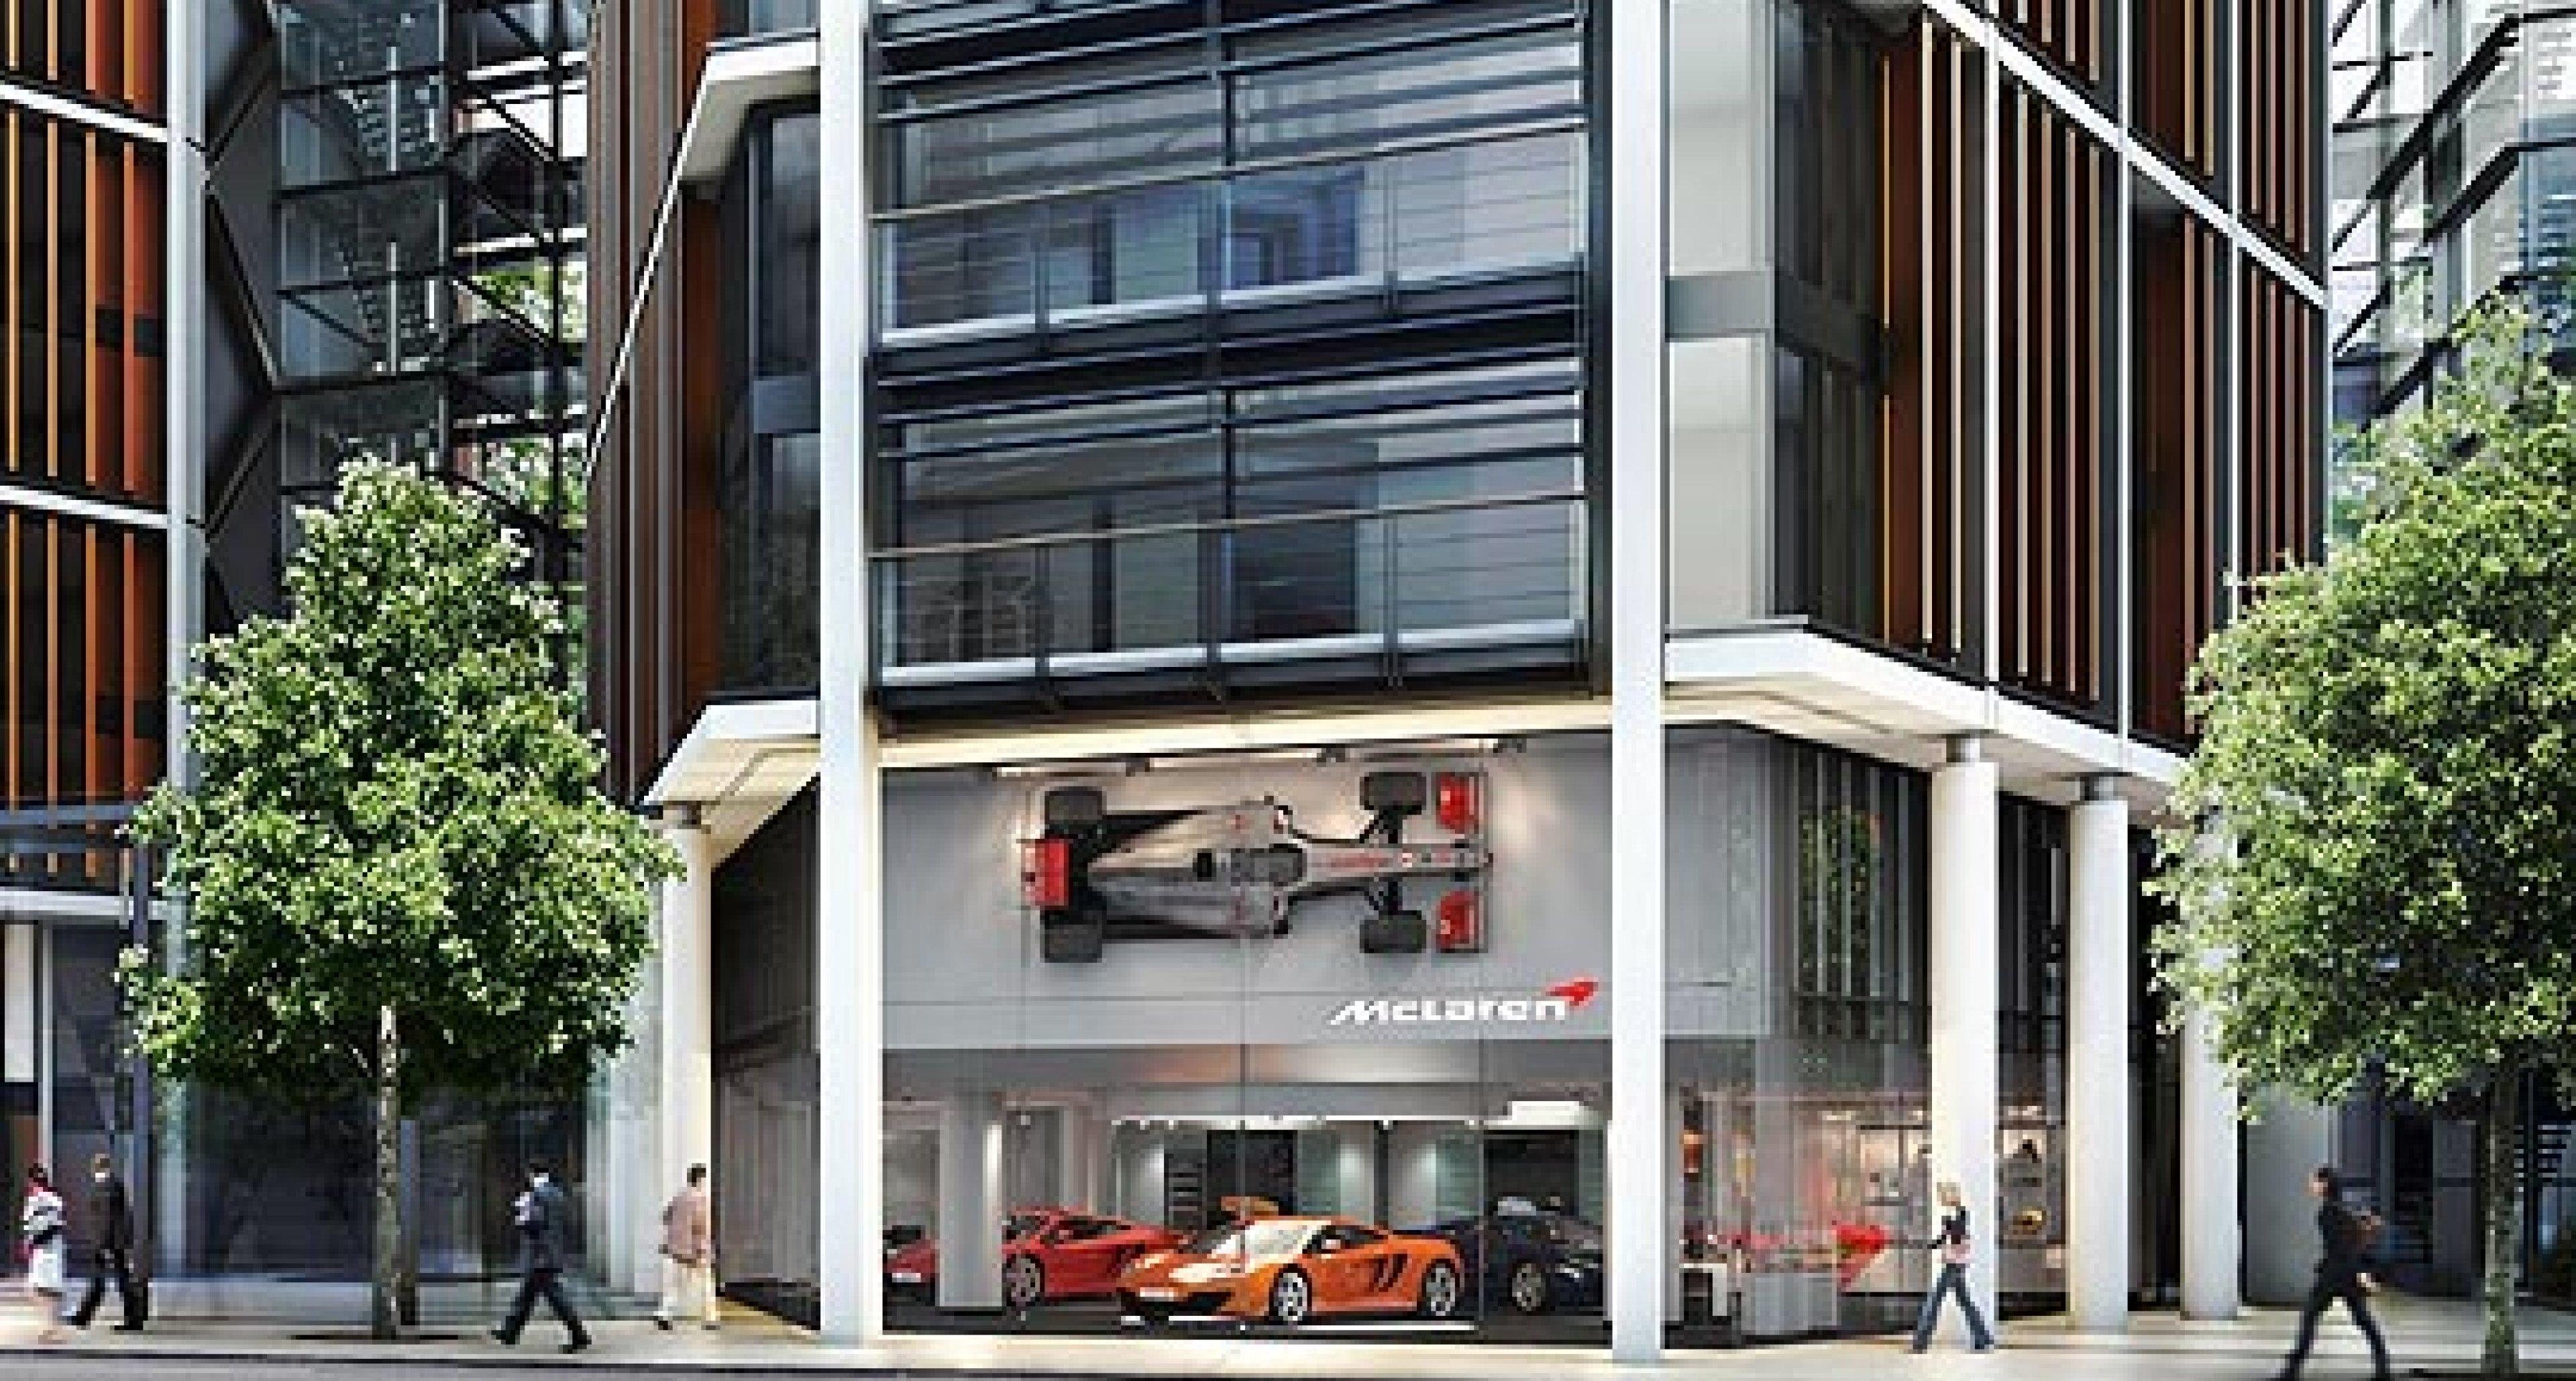 McLaren's New London Showroom: One Hyde Park